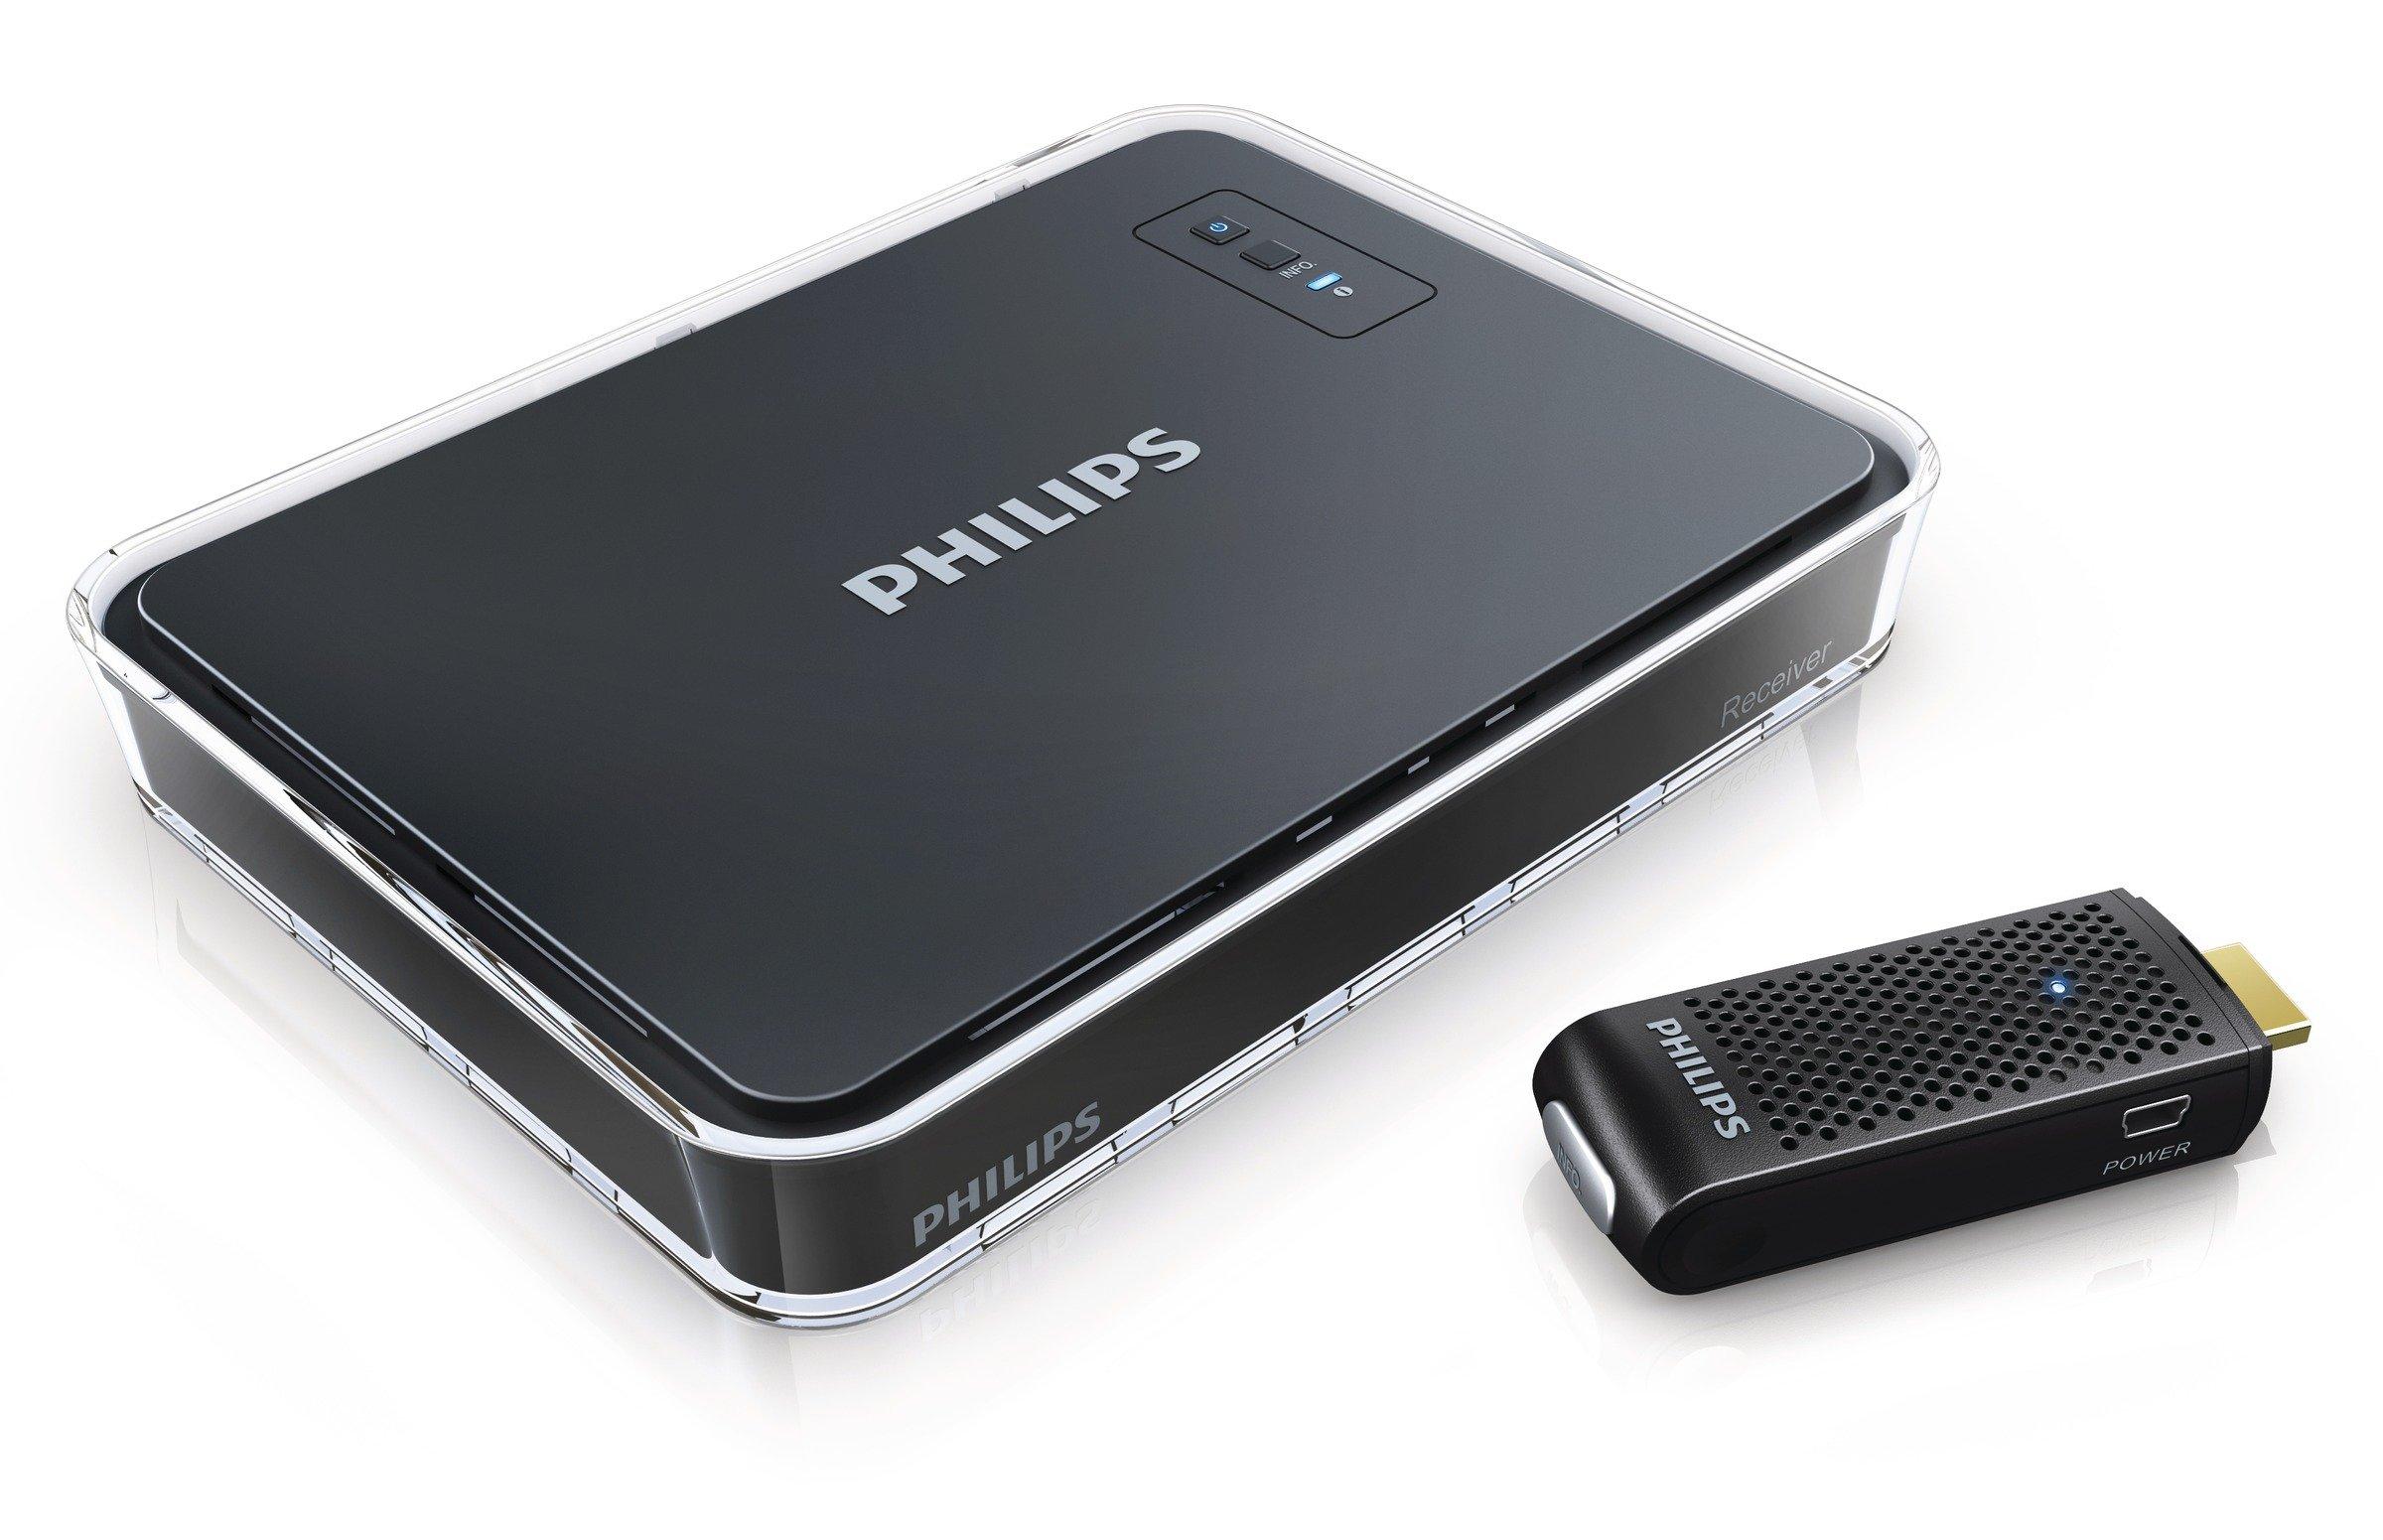 Philips SWW1890/27 Wireless HD Net Connect